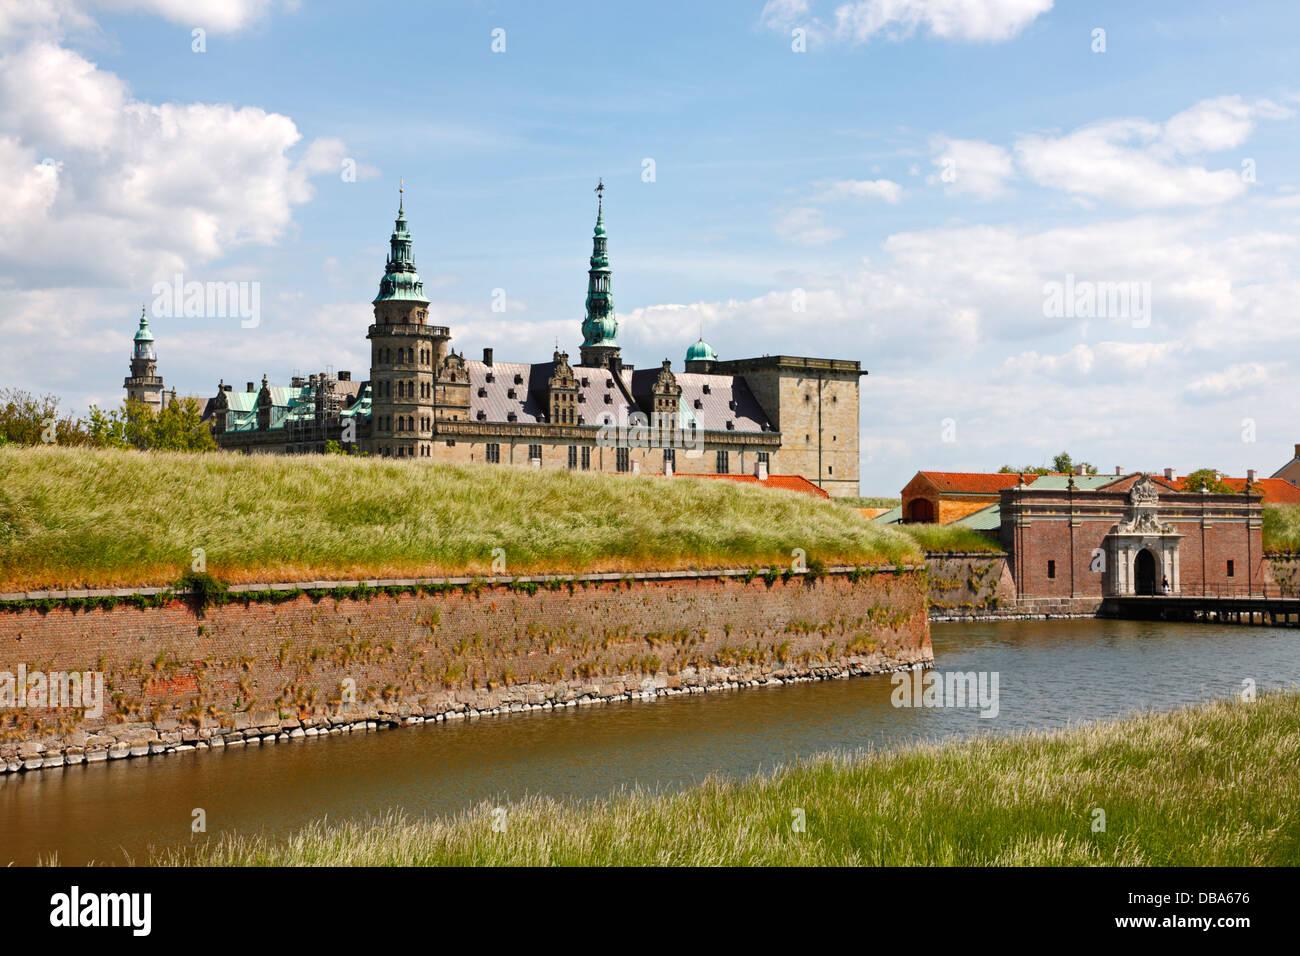 Le château renaissance de Kronborg à Helsingør, Danemark, avec l'entrée principale et la protection de douves au premier plan. Banque D'Images